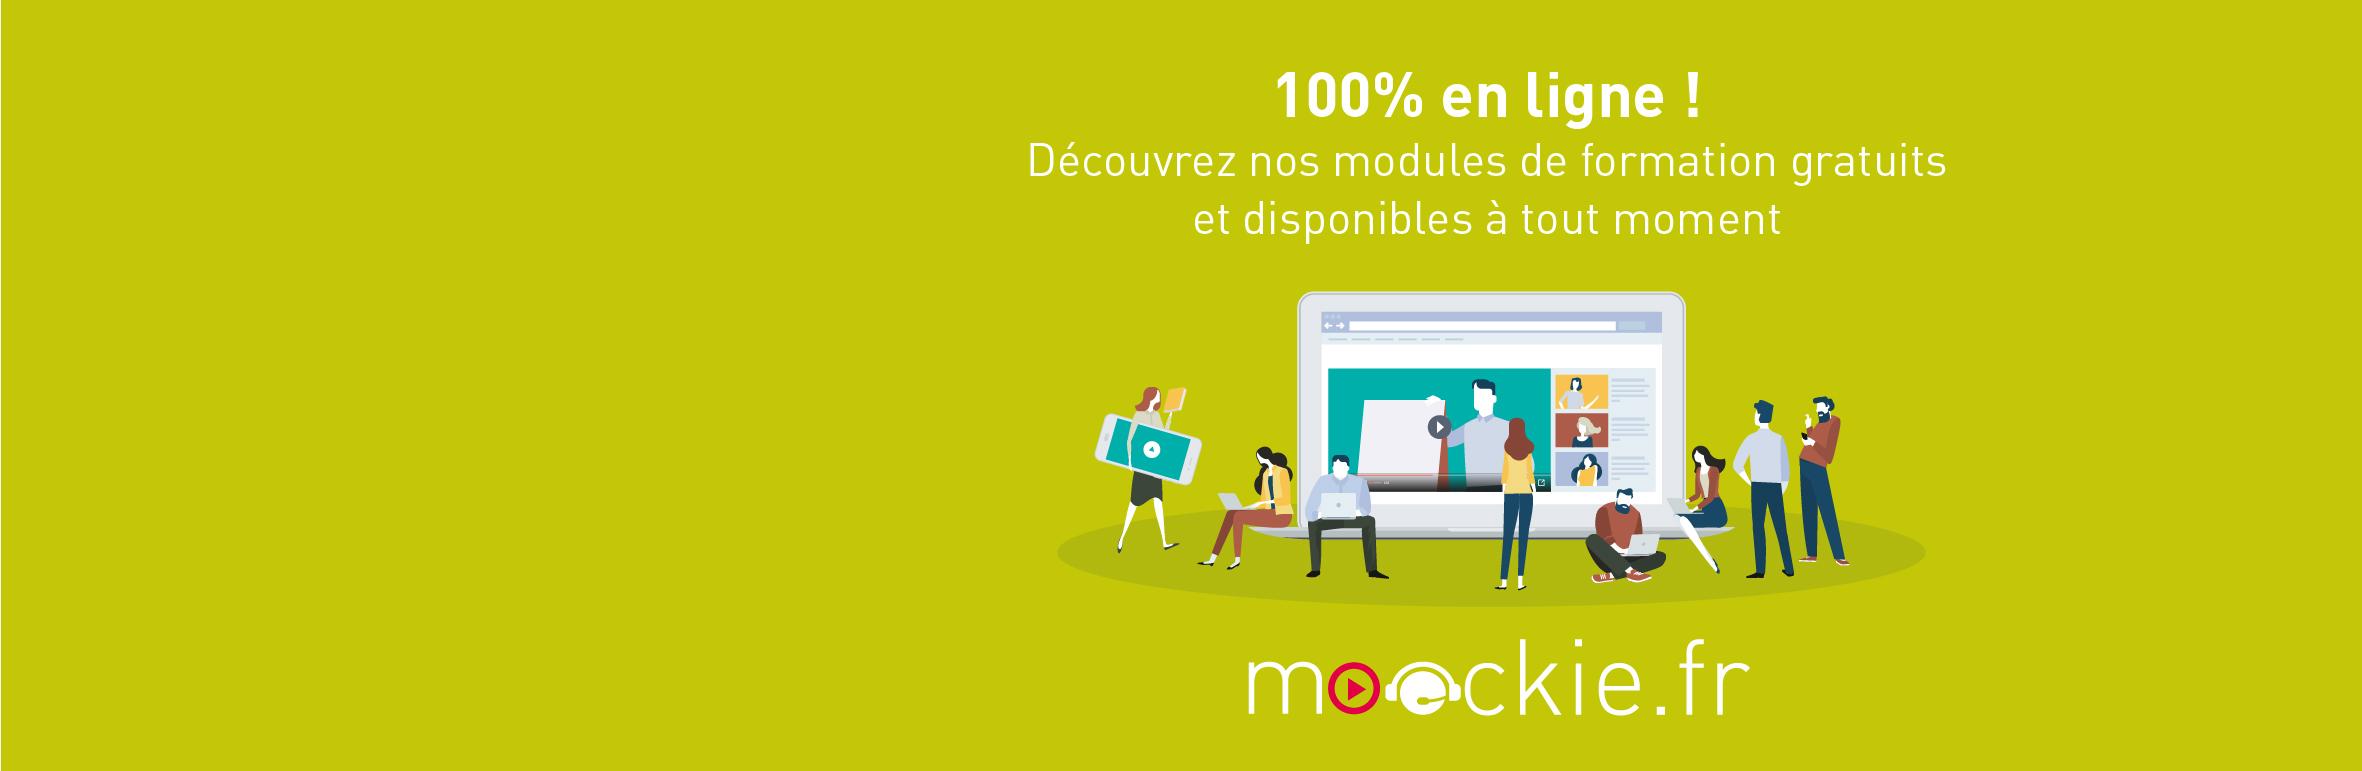 Moockie.fr